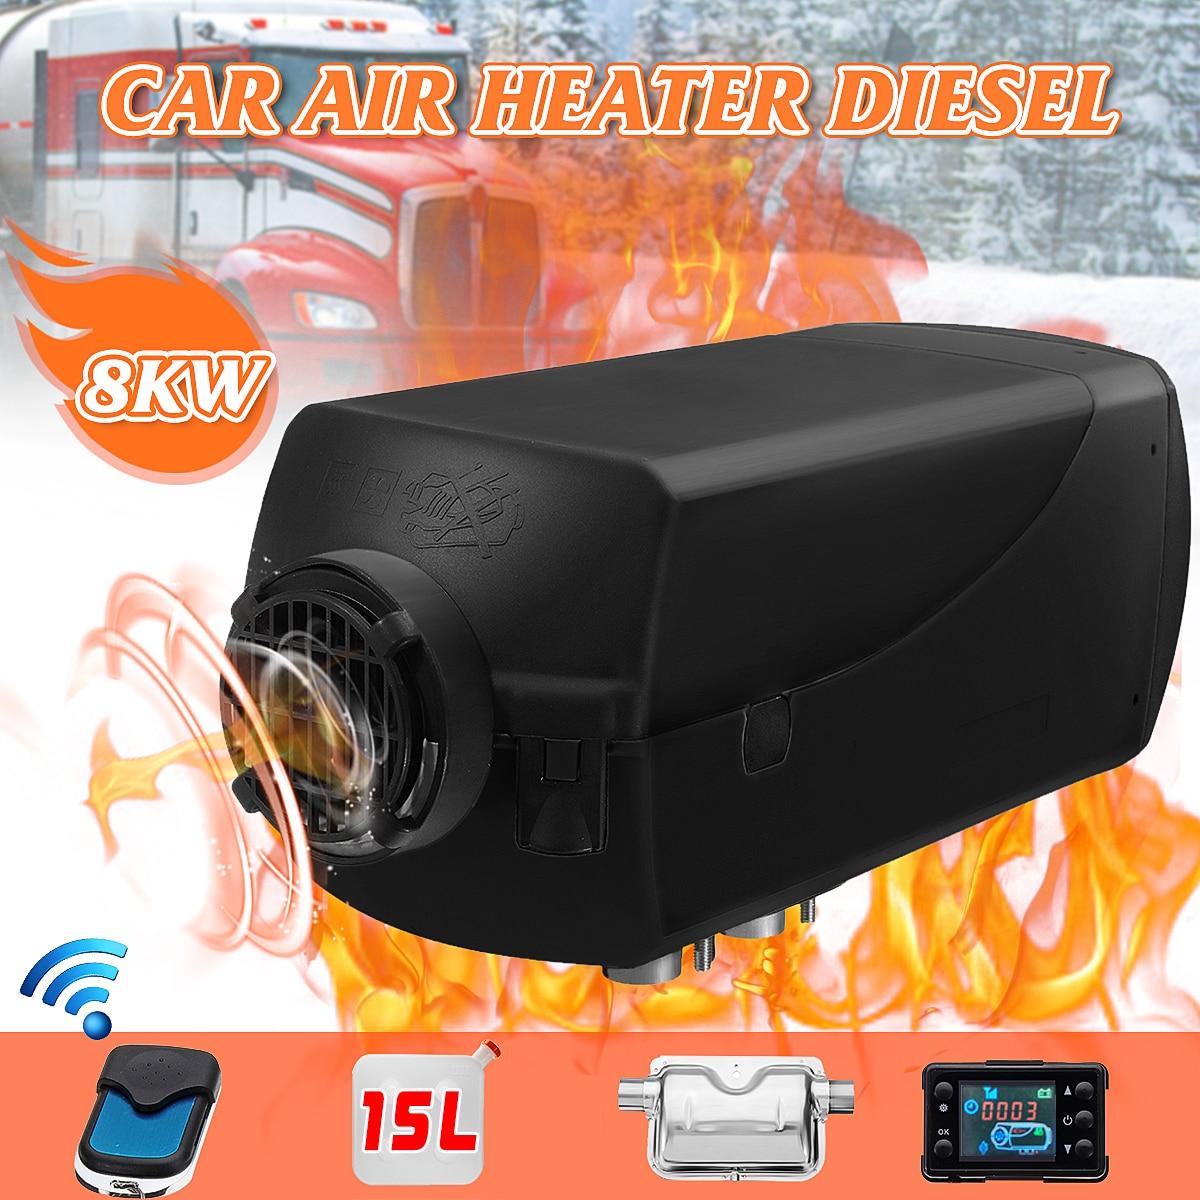 Нагреватель воздуха для автомобиля 12 В в 8KW ЖК дисплей D iesel глушители для автомобиля 15L бак Planar грузовики лодка Motorhome парковка с дистанционно...